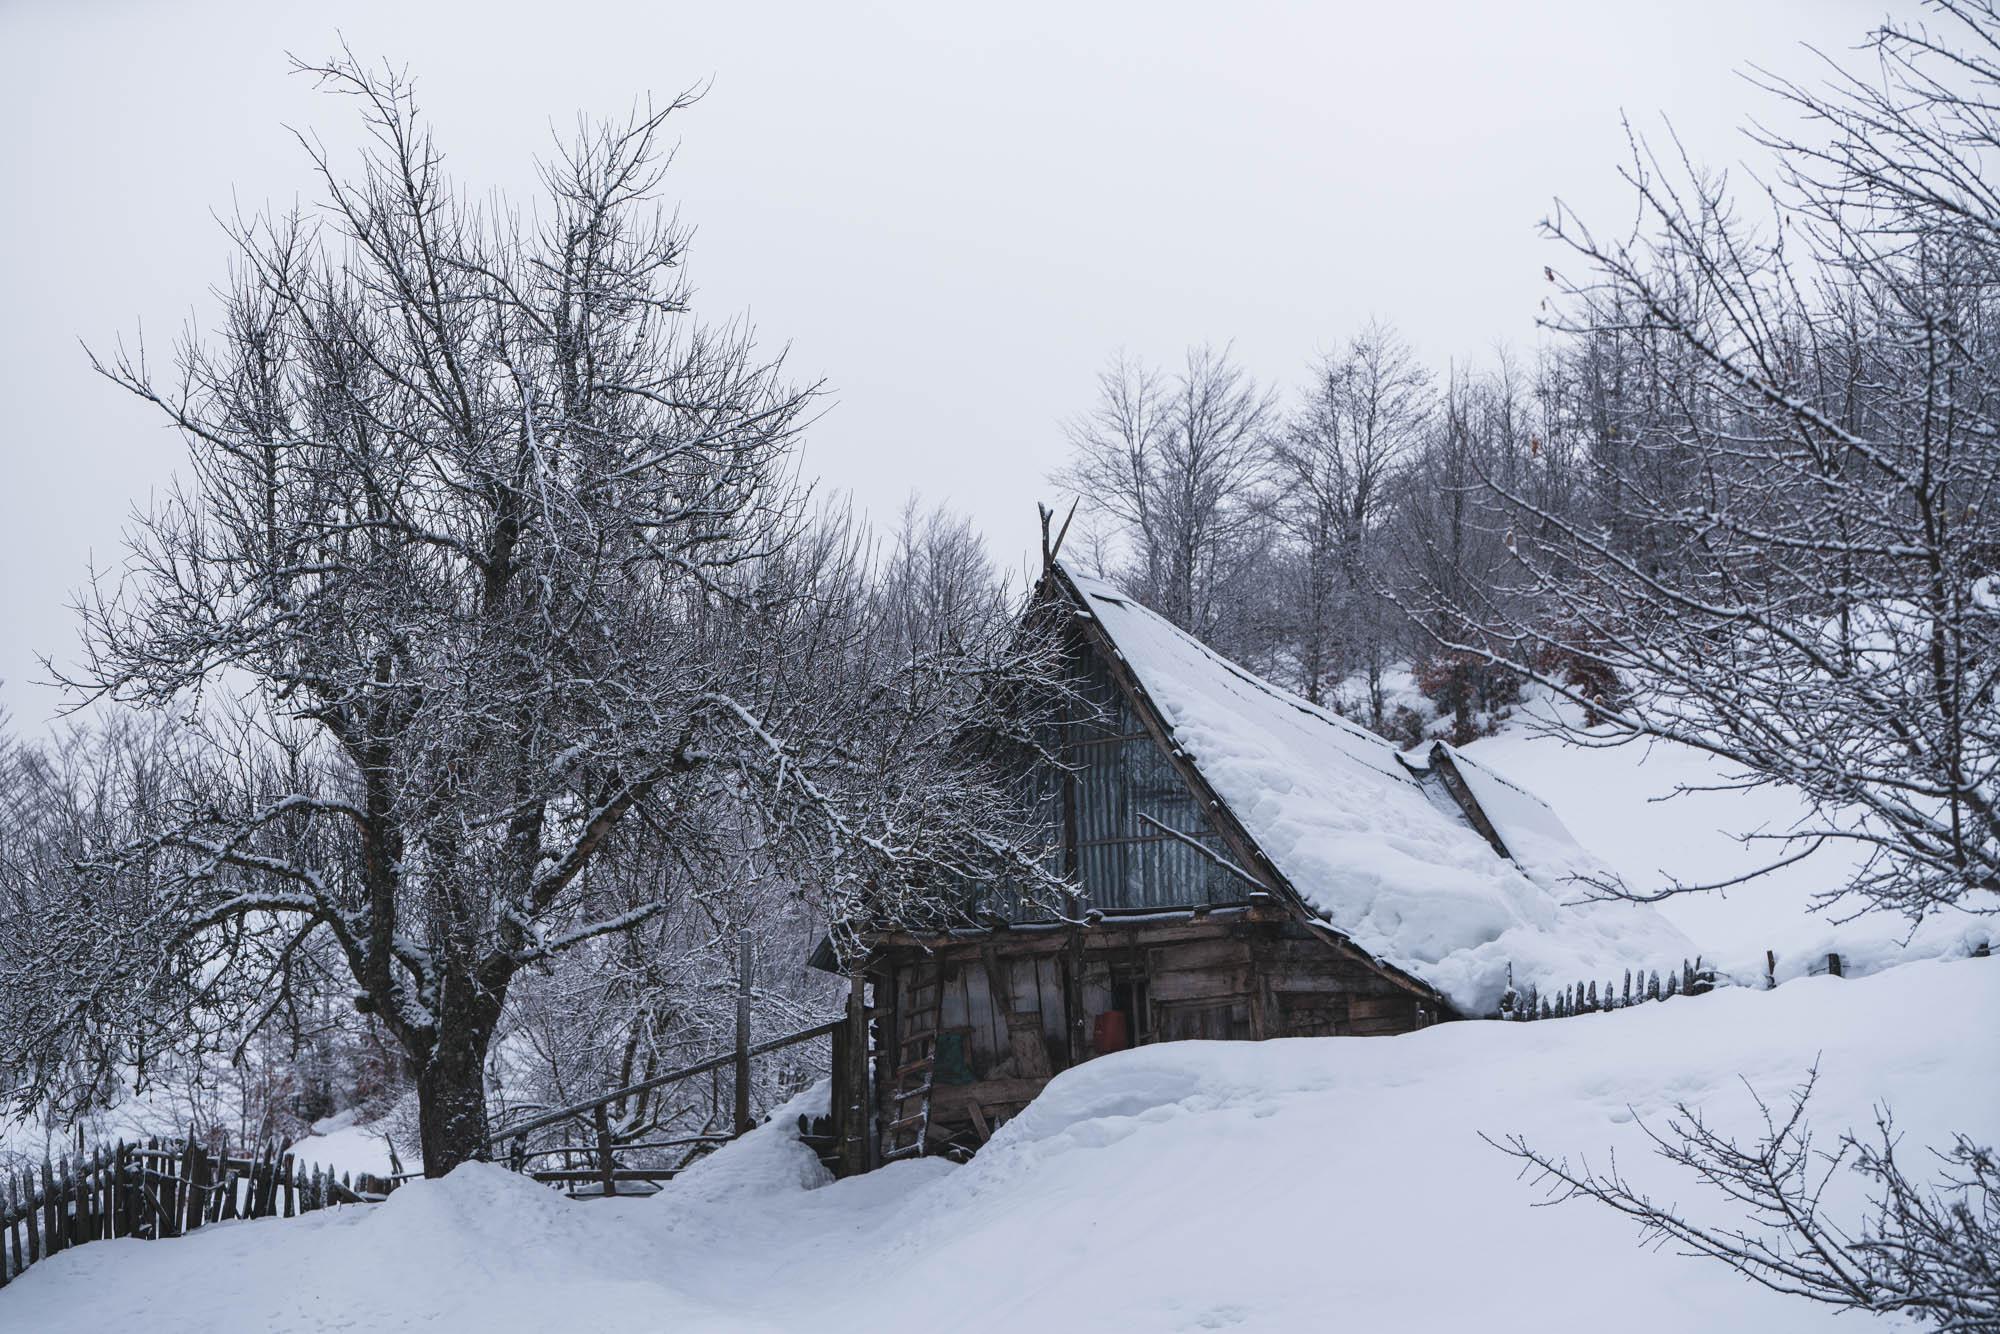 Winter in Albanien - Teil 1 © Johannes Hulsch